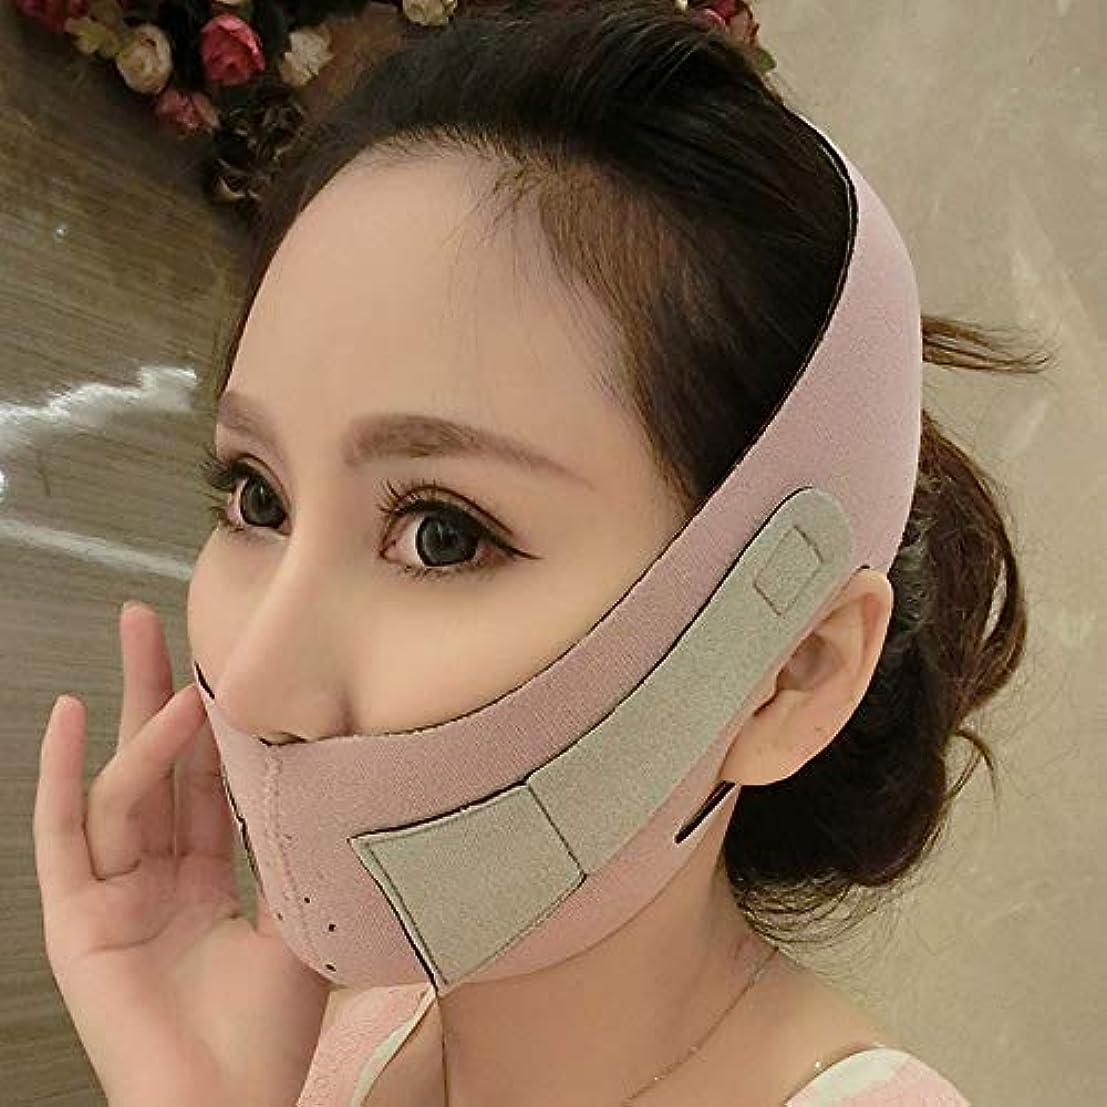 トン持っている高速道路シンフェイス包帯シンフェイスマスクフェイスリフトアーティファクトレイズVフェイスシンフェイスフェイスリフティング美容マスク小フェイス包帯 (色 : B)